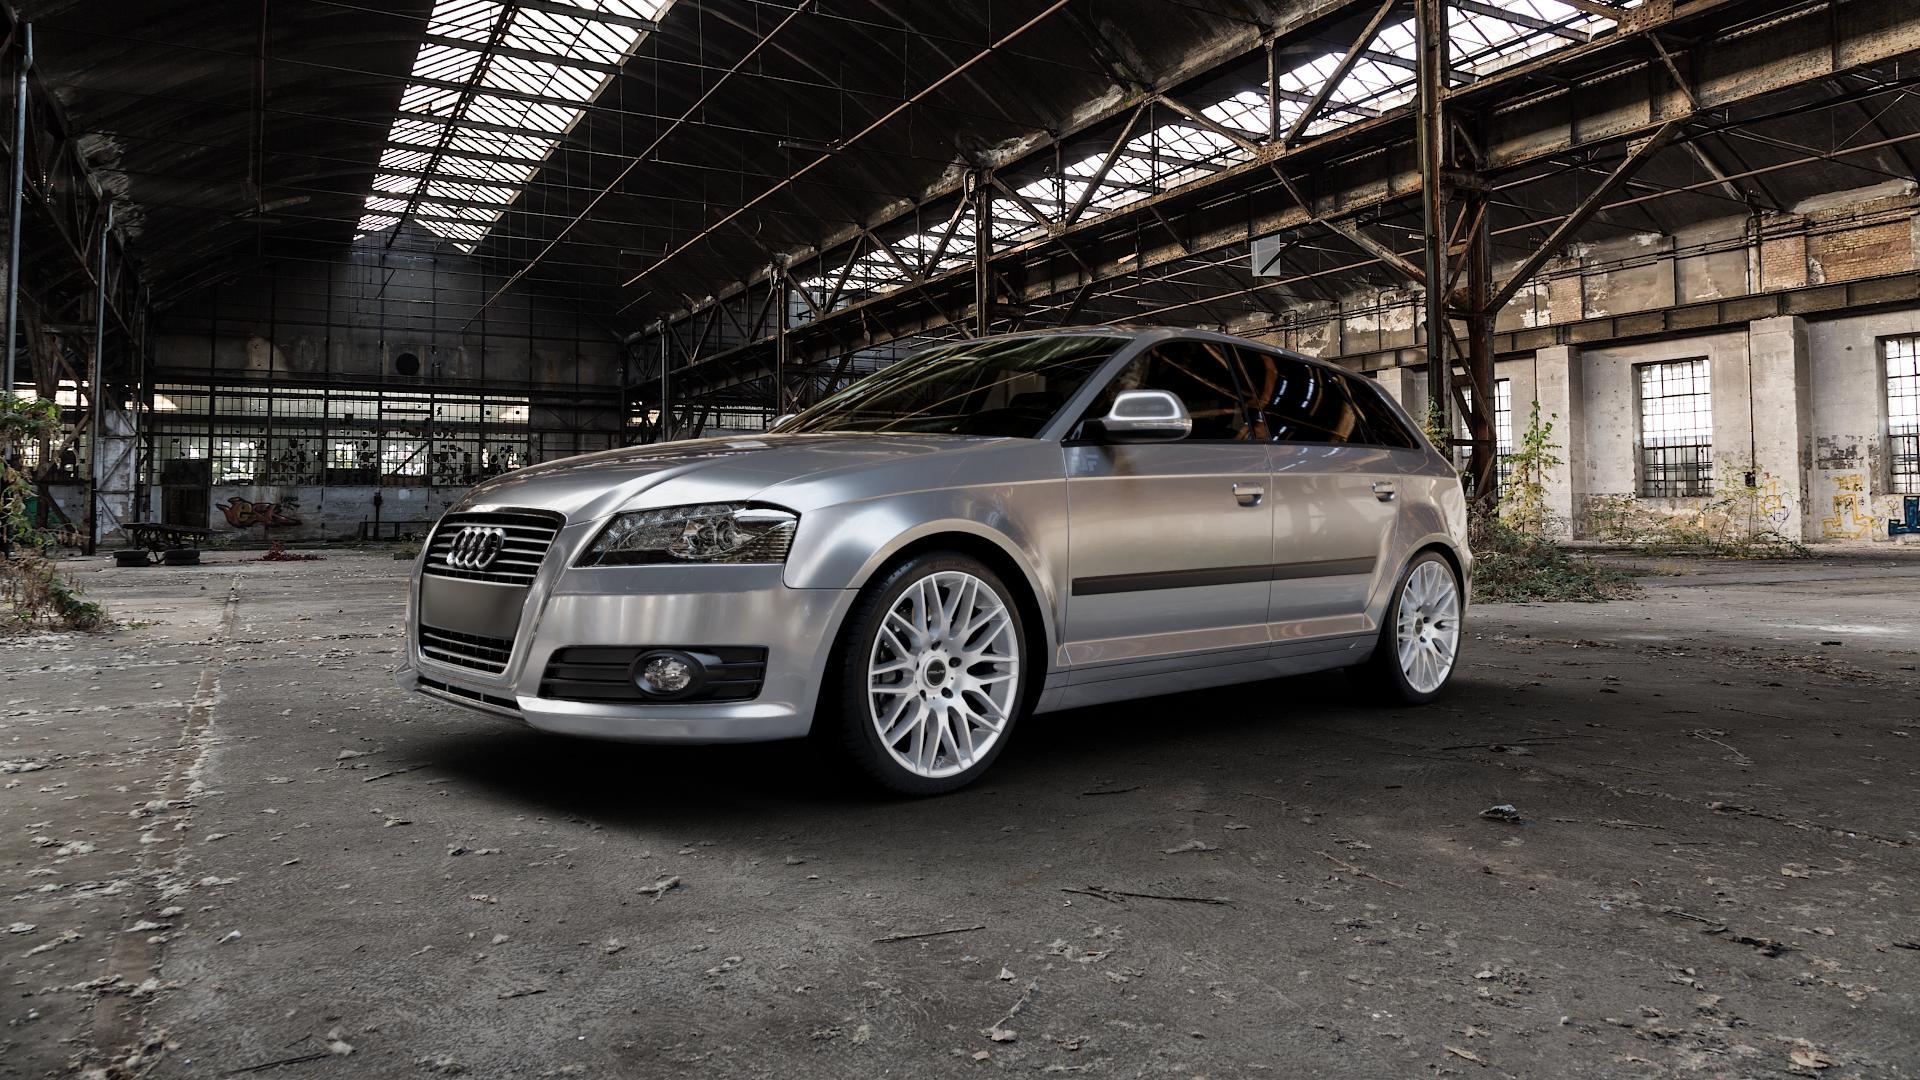 ProLine Wheels PXK Metallic Silver Felge mit Reifen silber in 18Zoll Winterfelge Alufelge auf silbernem Audi A3 Typ 8P (Sportback) 1,6l 75kW (102 PS) 2,0l FSI 110kW (150 1,9l TDI 77kW (105 103kW (140 TFSI 147kW (200 85kW (116 100kW (136 1,8l 118kW (160 125kW (170 1,4l 92kW (125 120kW (163 quattro 3,2l V6 184kW (250 S3 195kW (265 1,2l 66kW (90